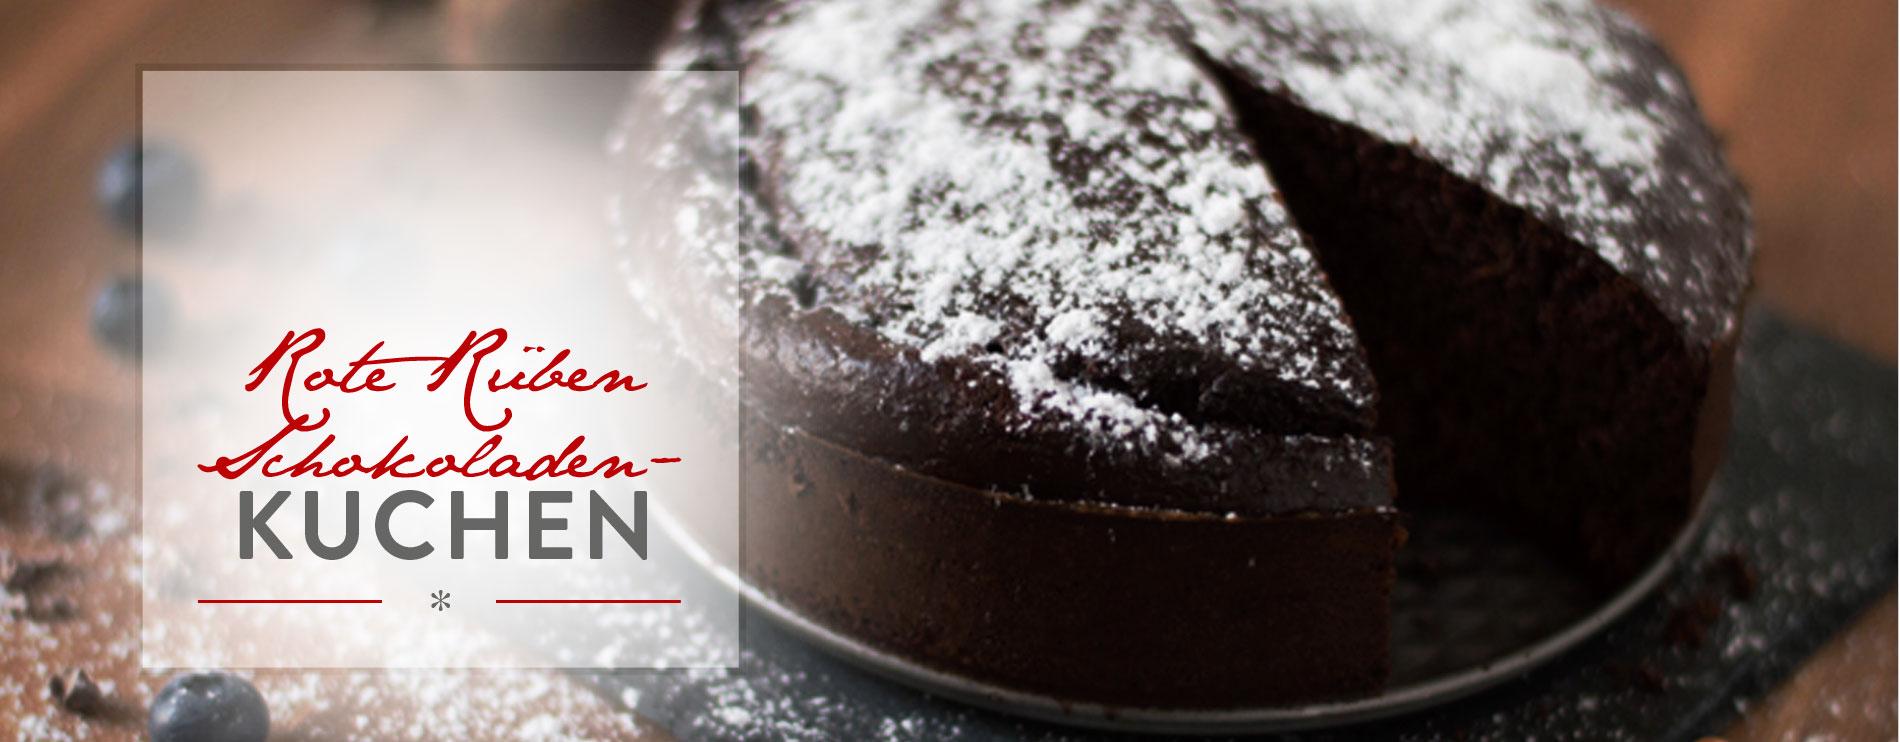 Header Rote Rüben Schokoladen Kuchen